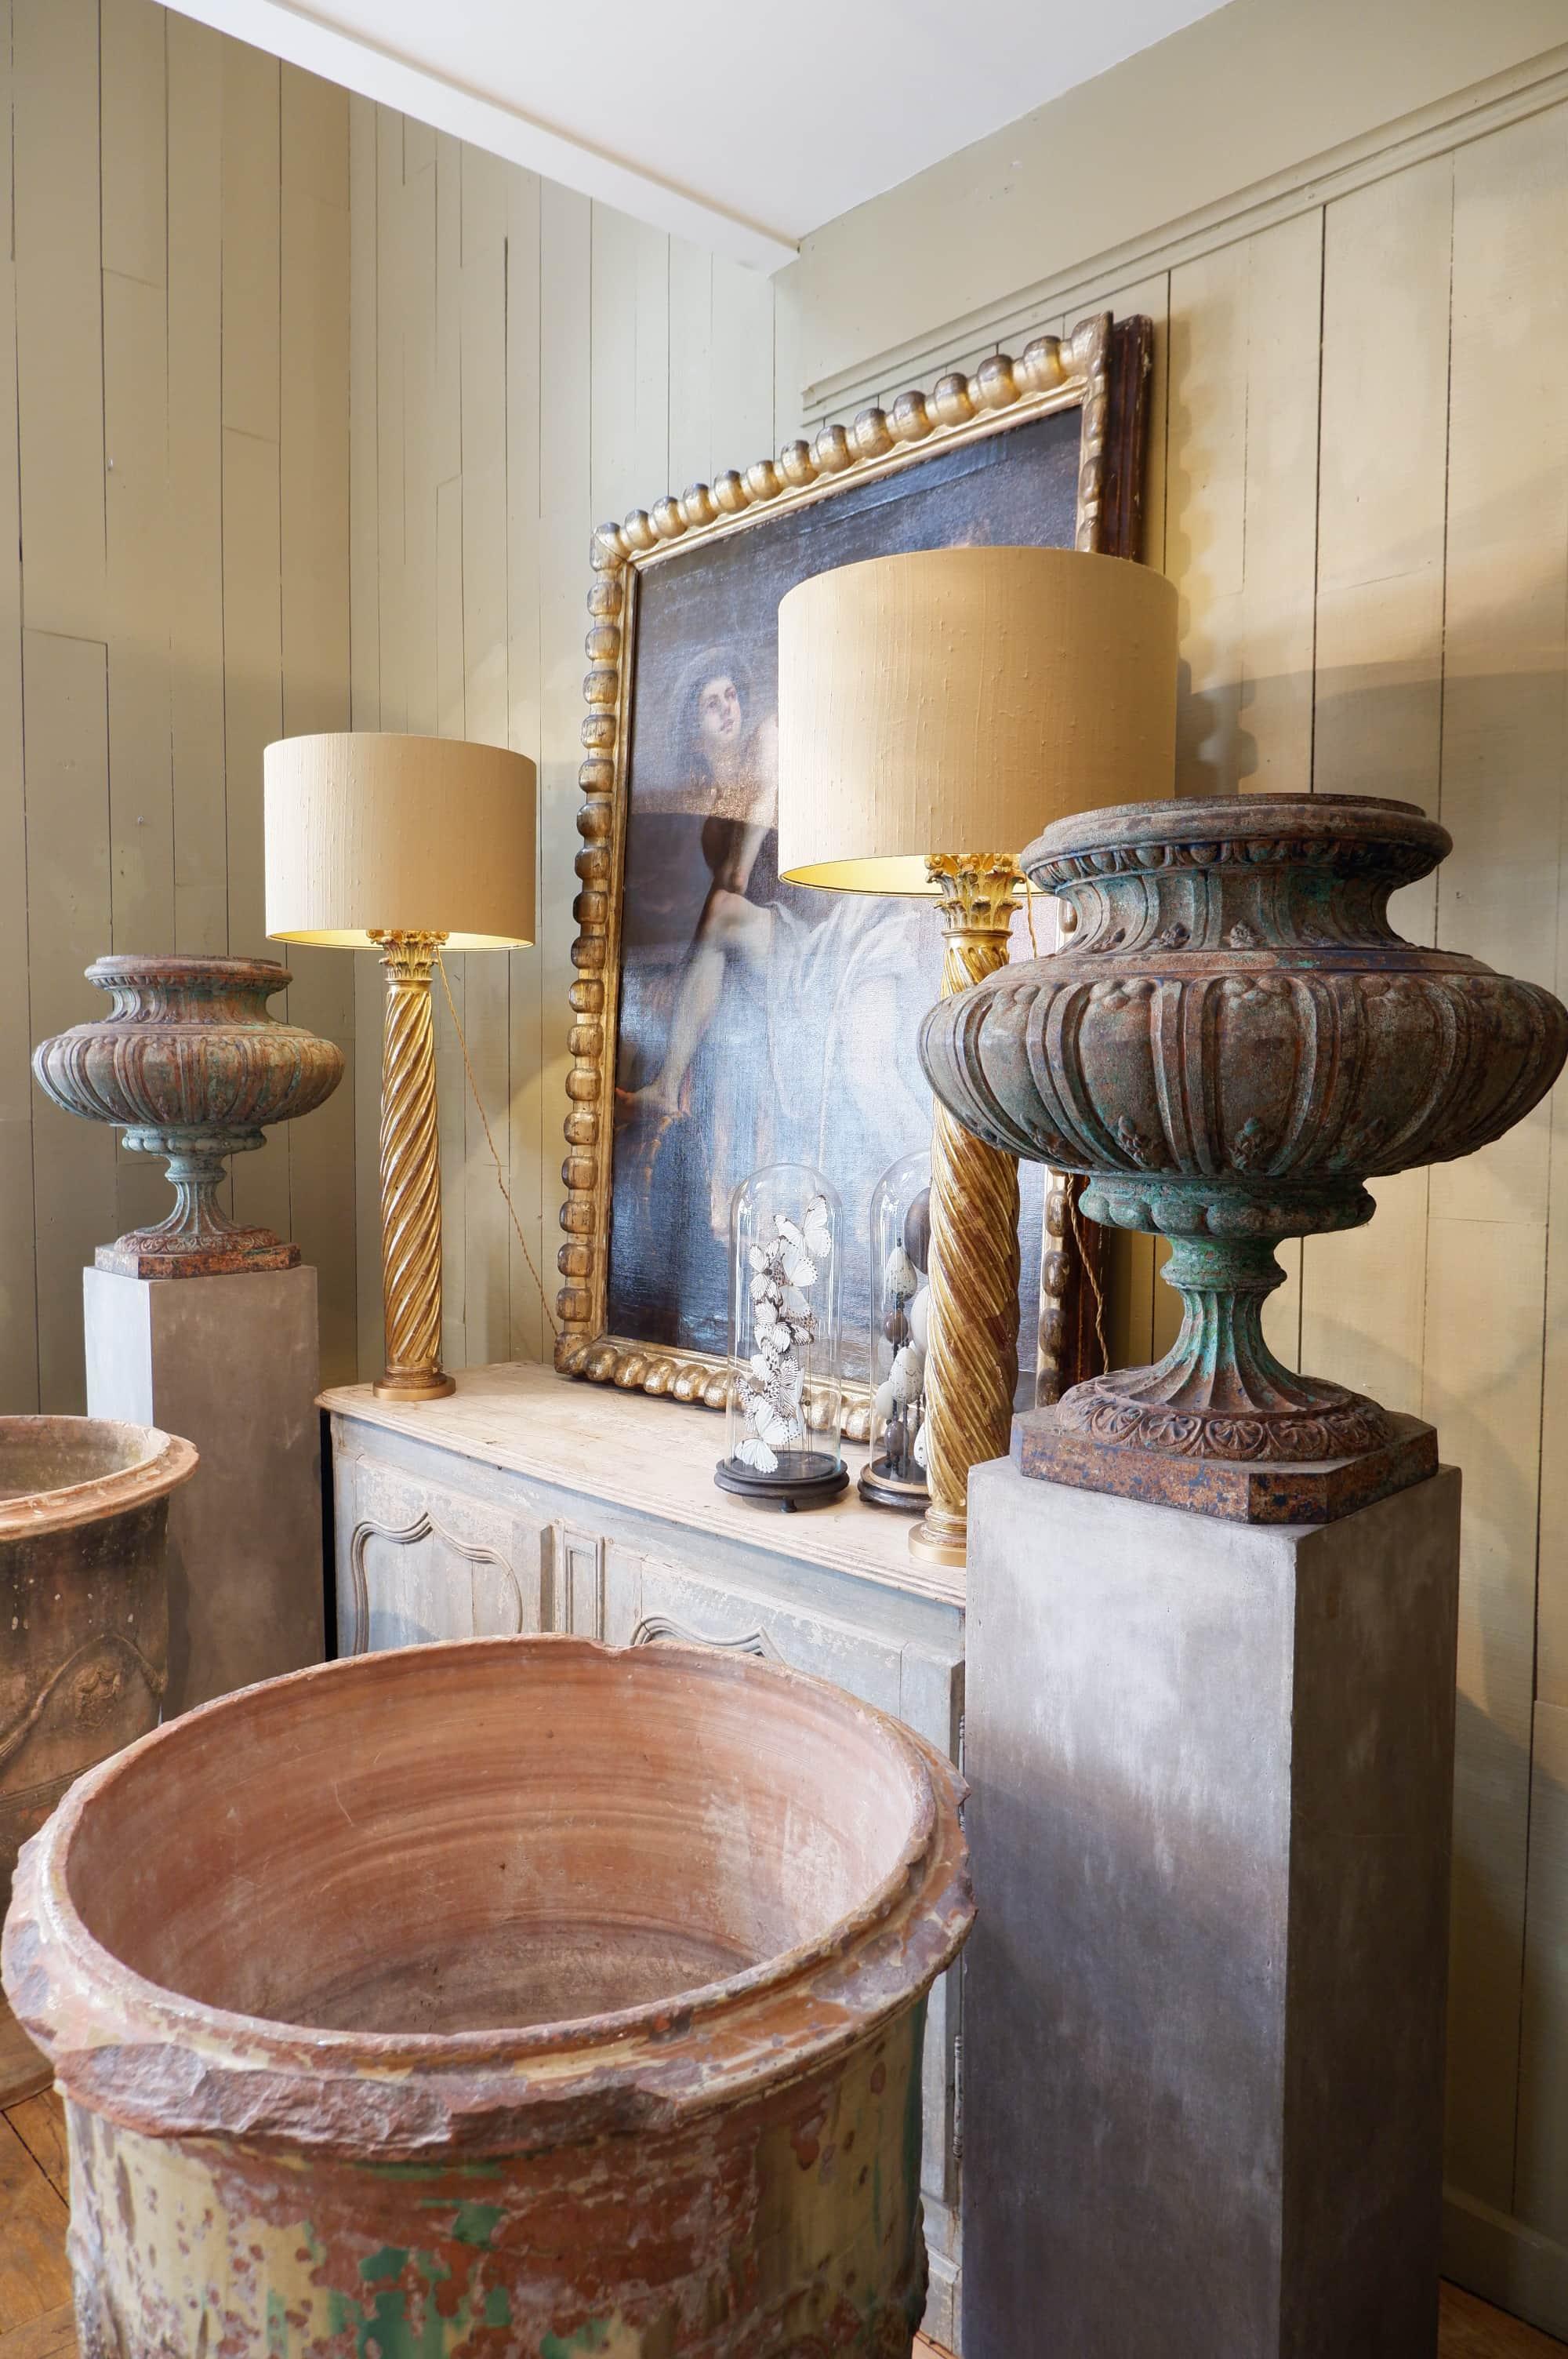 Paire de très grands vases en fonte verte – Angleterre début XIXe